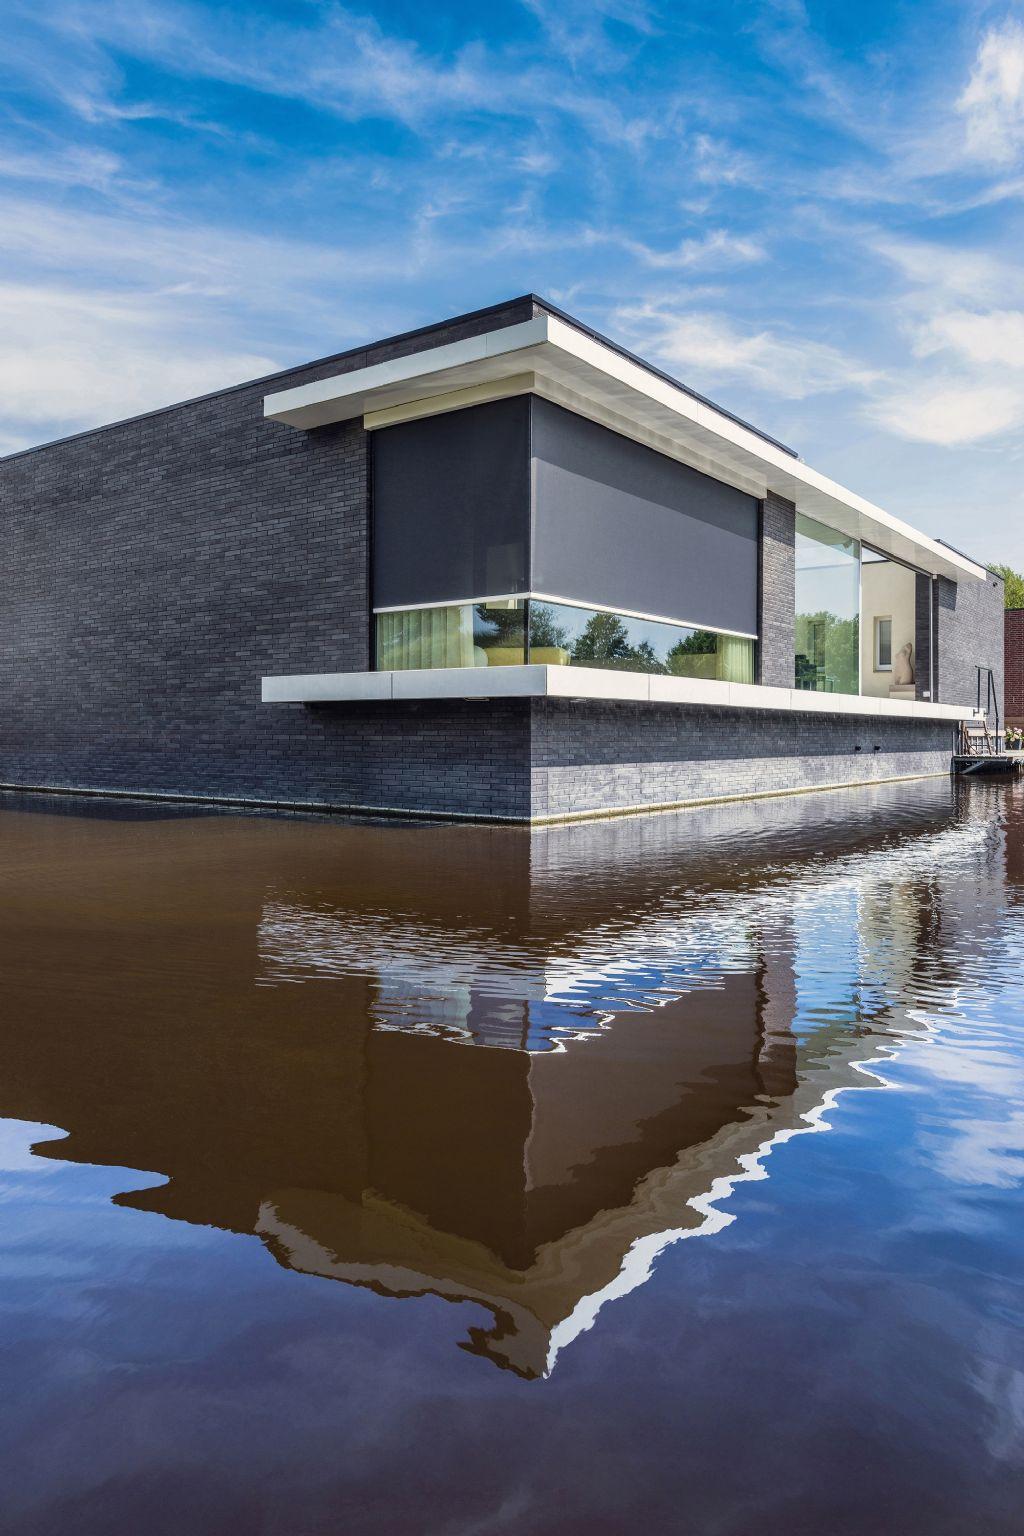 Fenêtres et protection solaire réunis au sein d'un design minimaliste